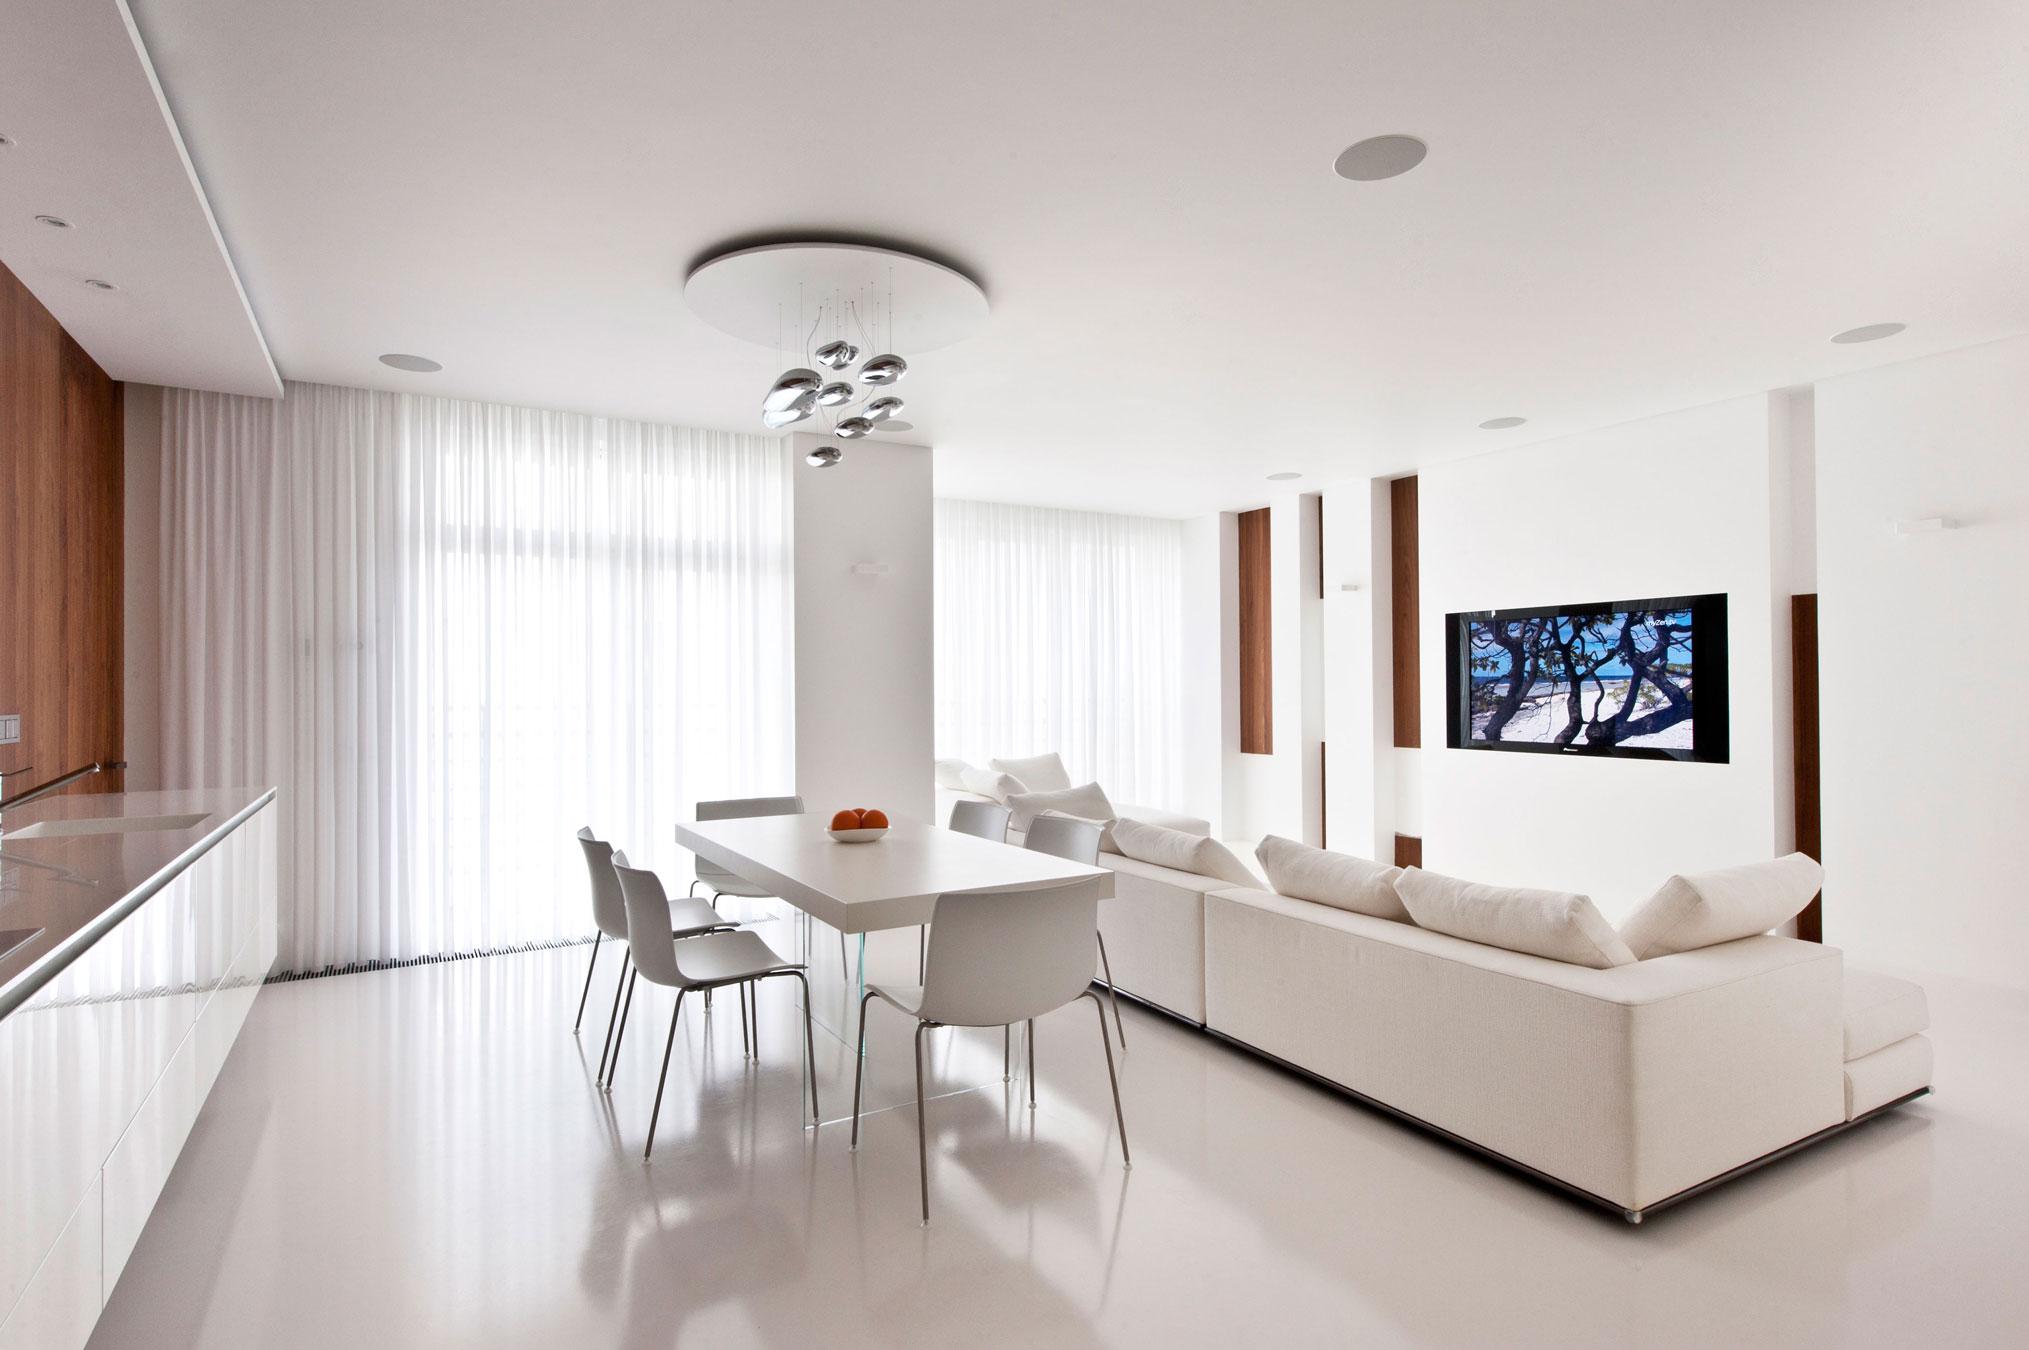 Однокомнатная квартира в стиле минимализм совмещенная